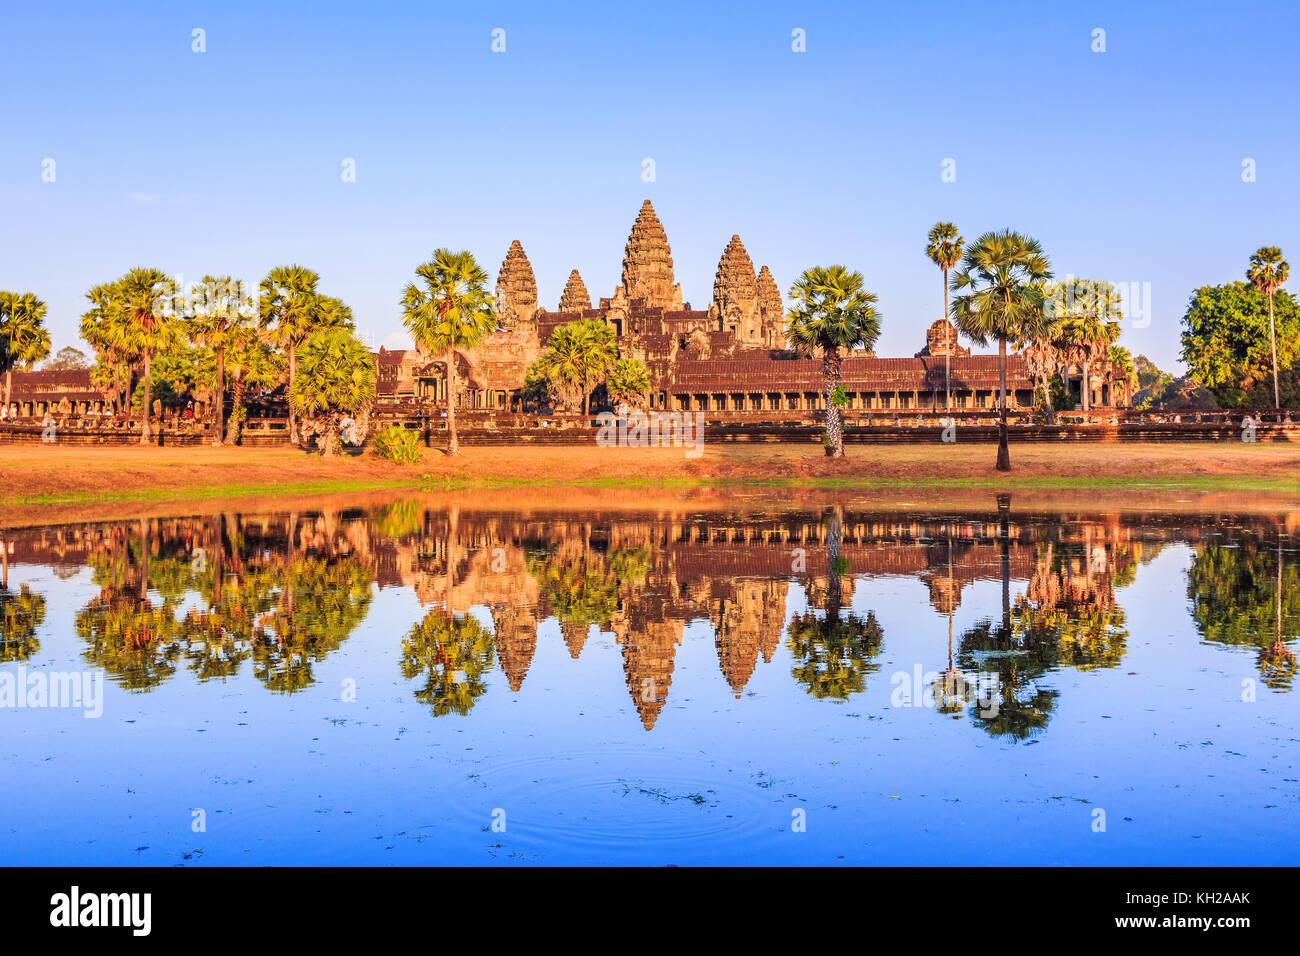 Angkor Wat, au Cambodge. vue de l'autre côté du lac. Photo Stock